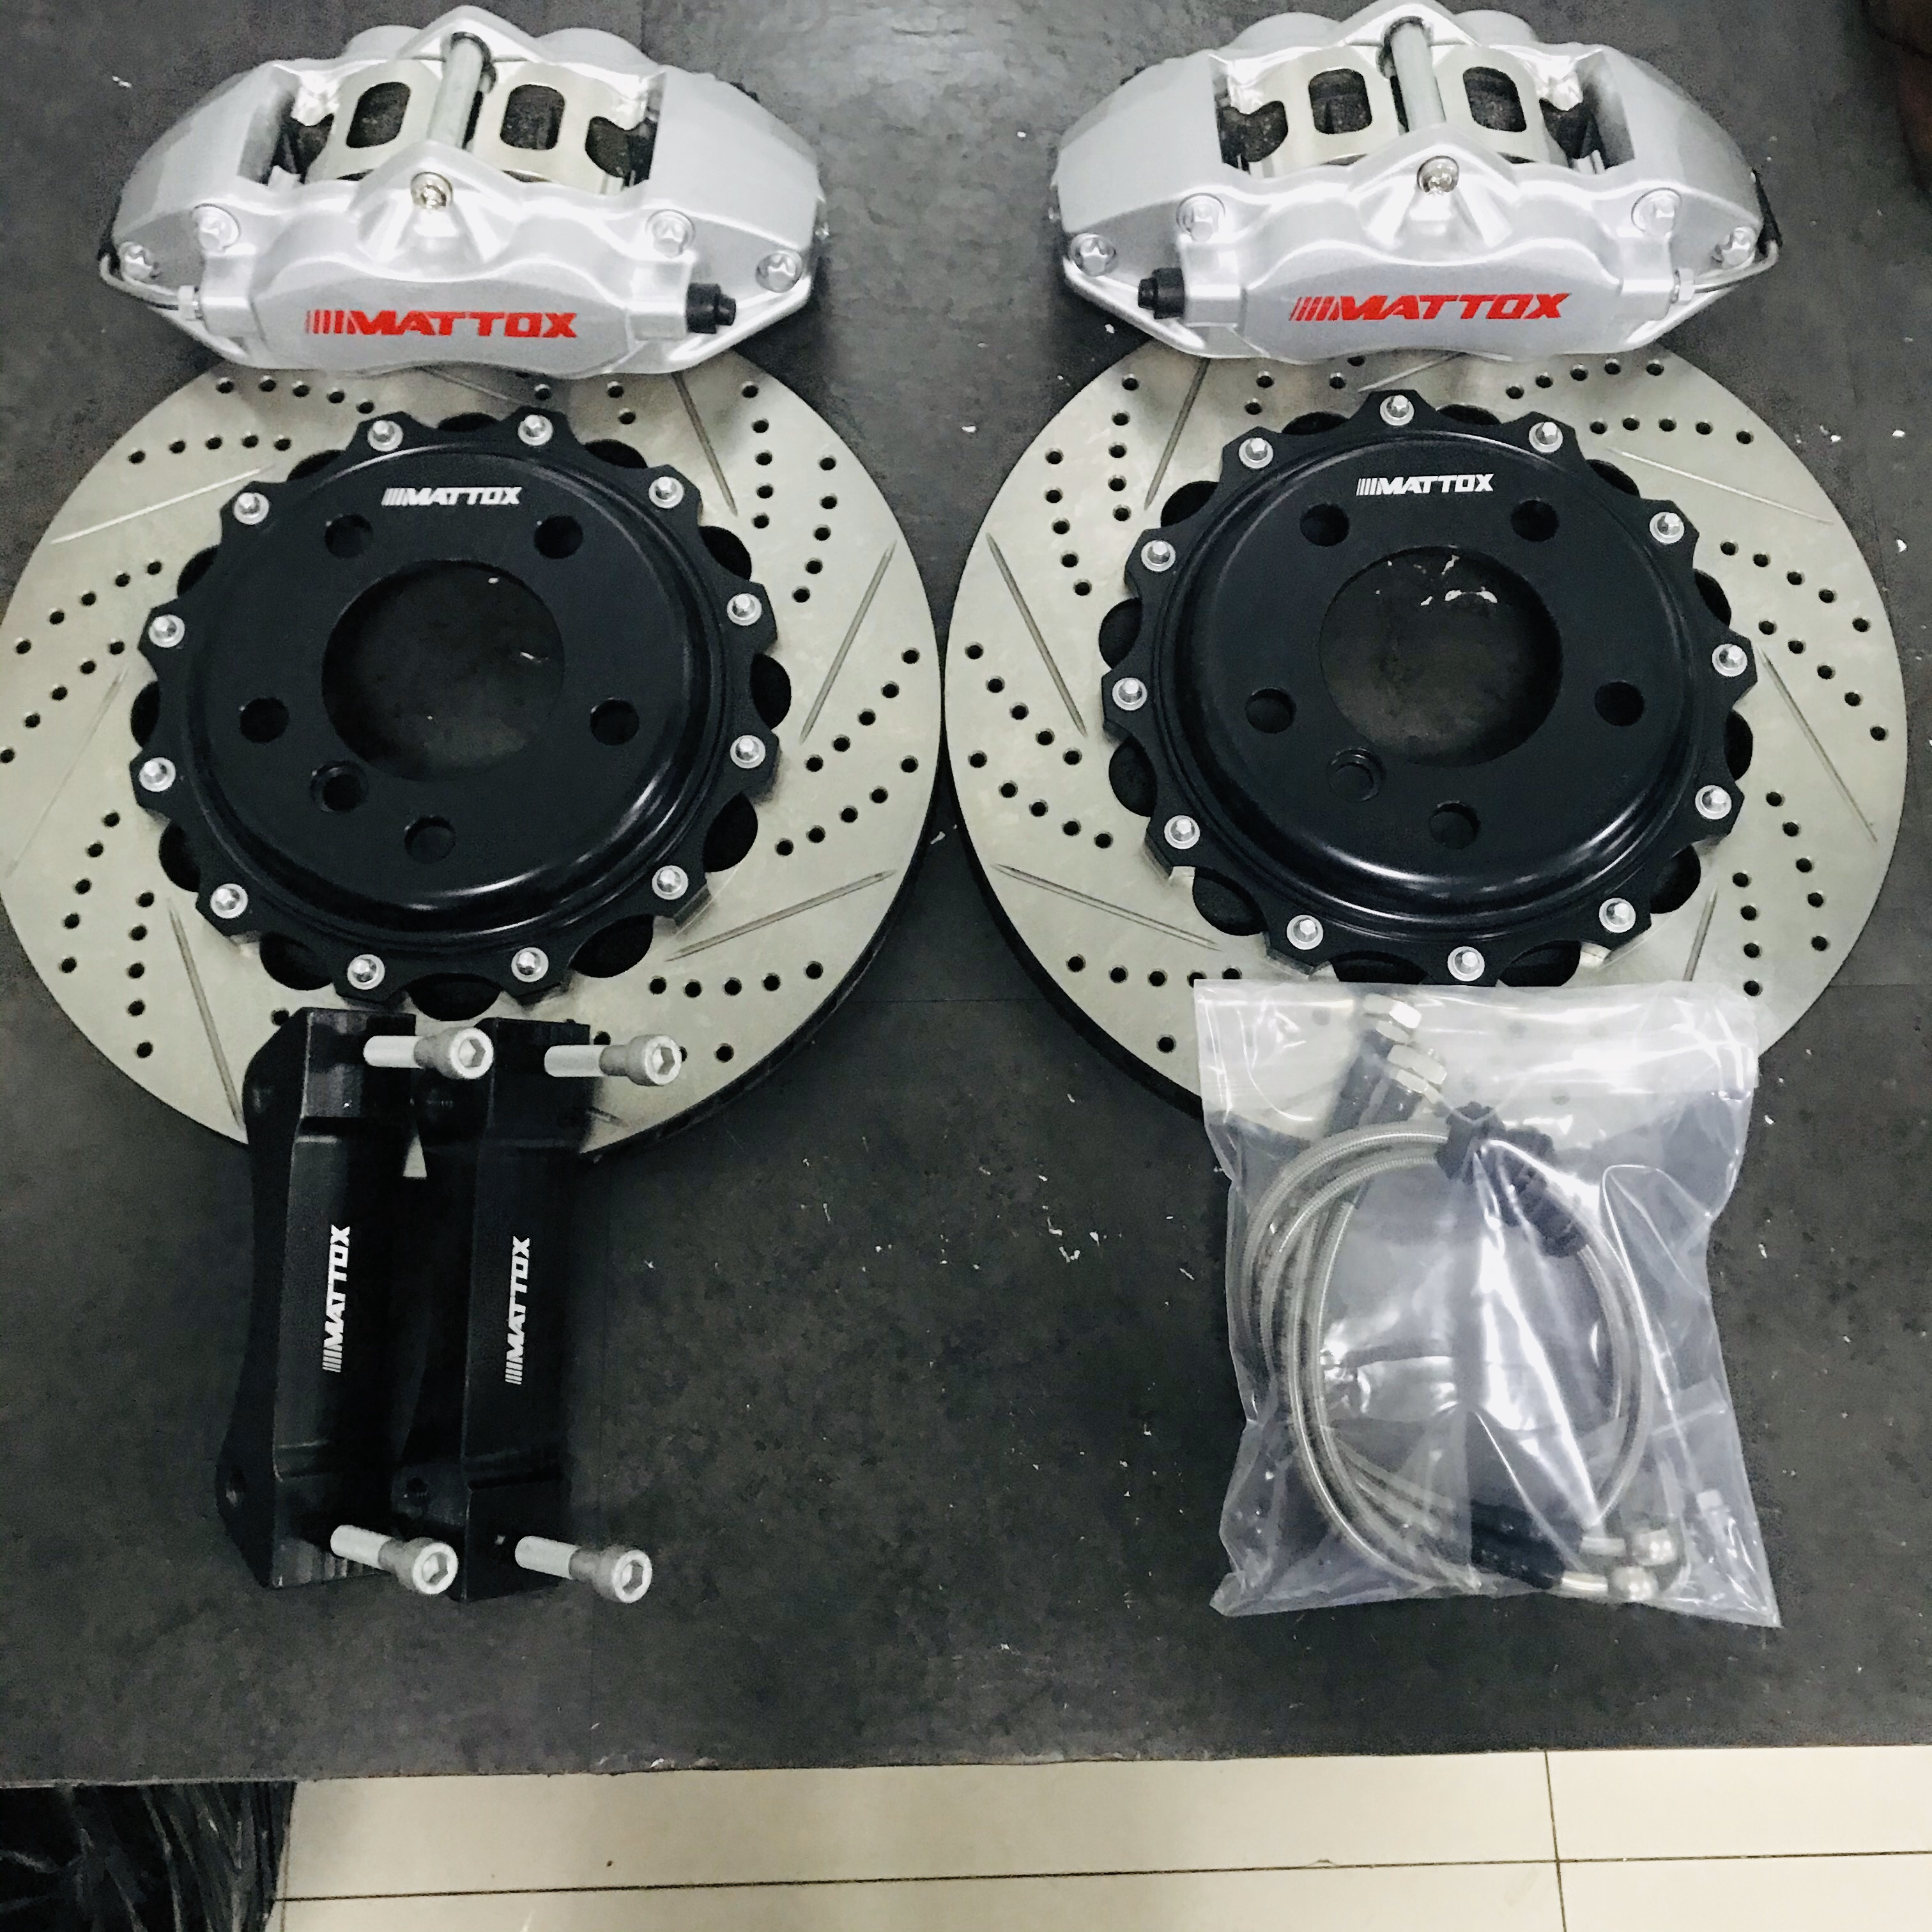 Mattox Kit de frein de voiture 330*28mm disque de frein Rrotors 4POT Piston étrier pour VOLVO S60 V60 2001 2009 roue avant 17 pouces